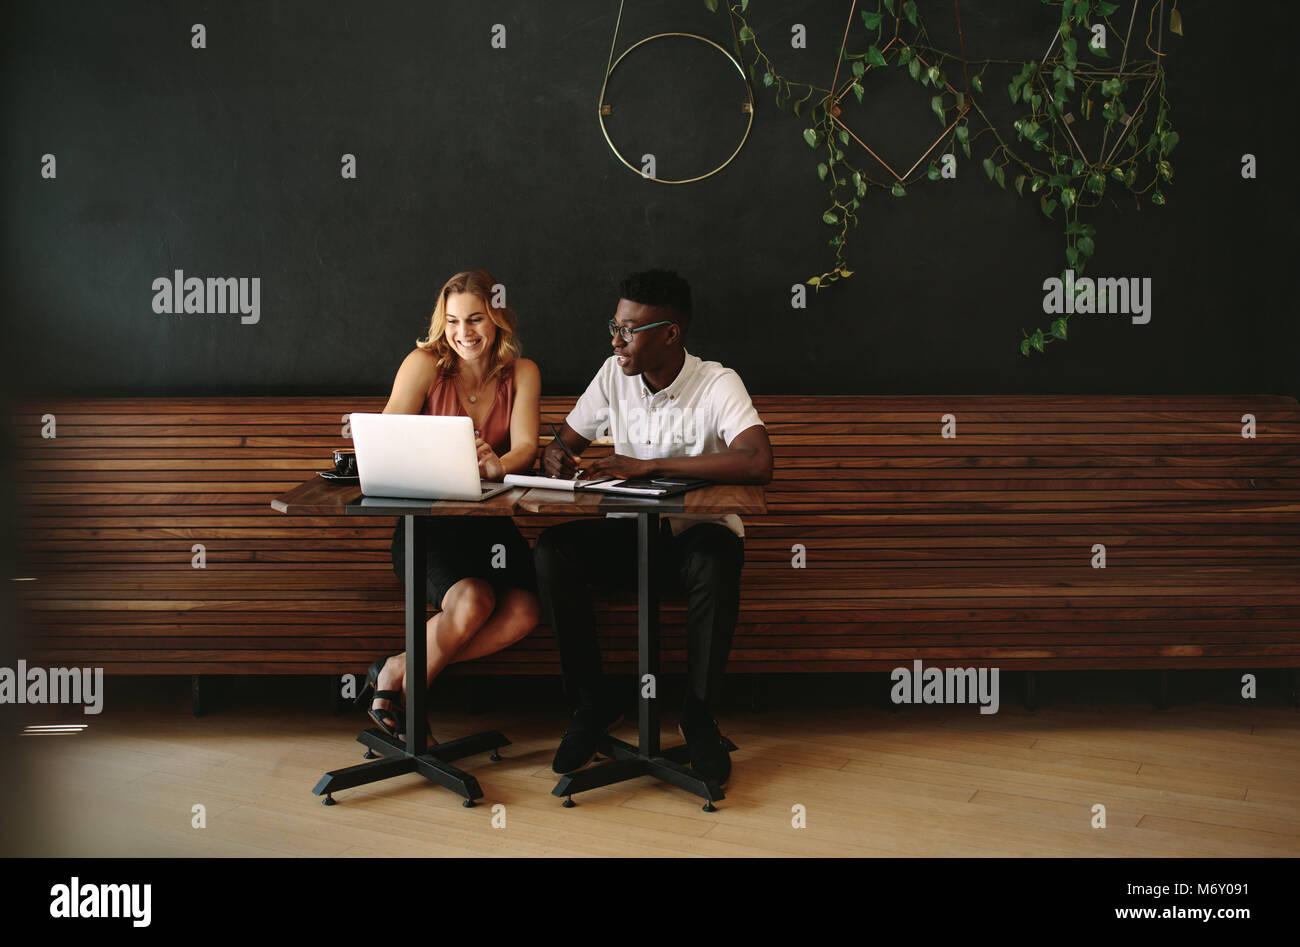 Geschäftspartner im Coffeeshop arbeitet an einem Laptop Computer. Freunden an einem Tisch mit Laptop und Notizblöcke Stockbild